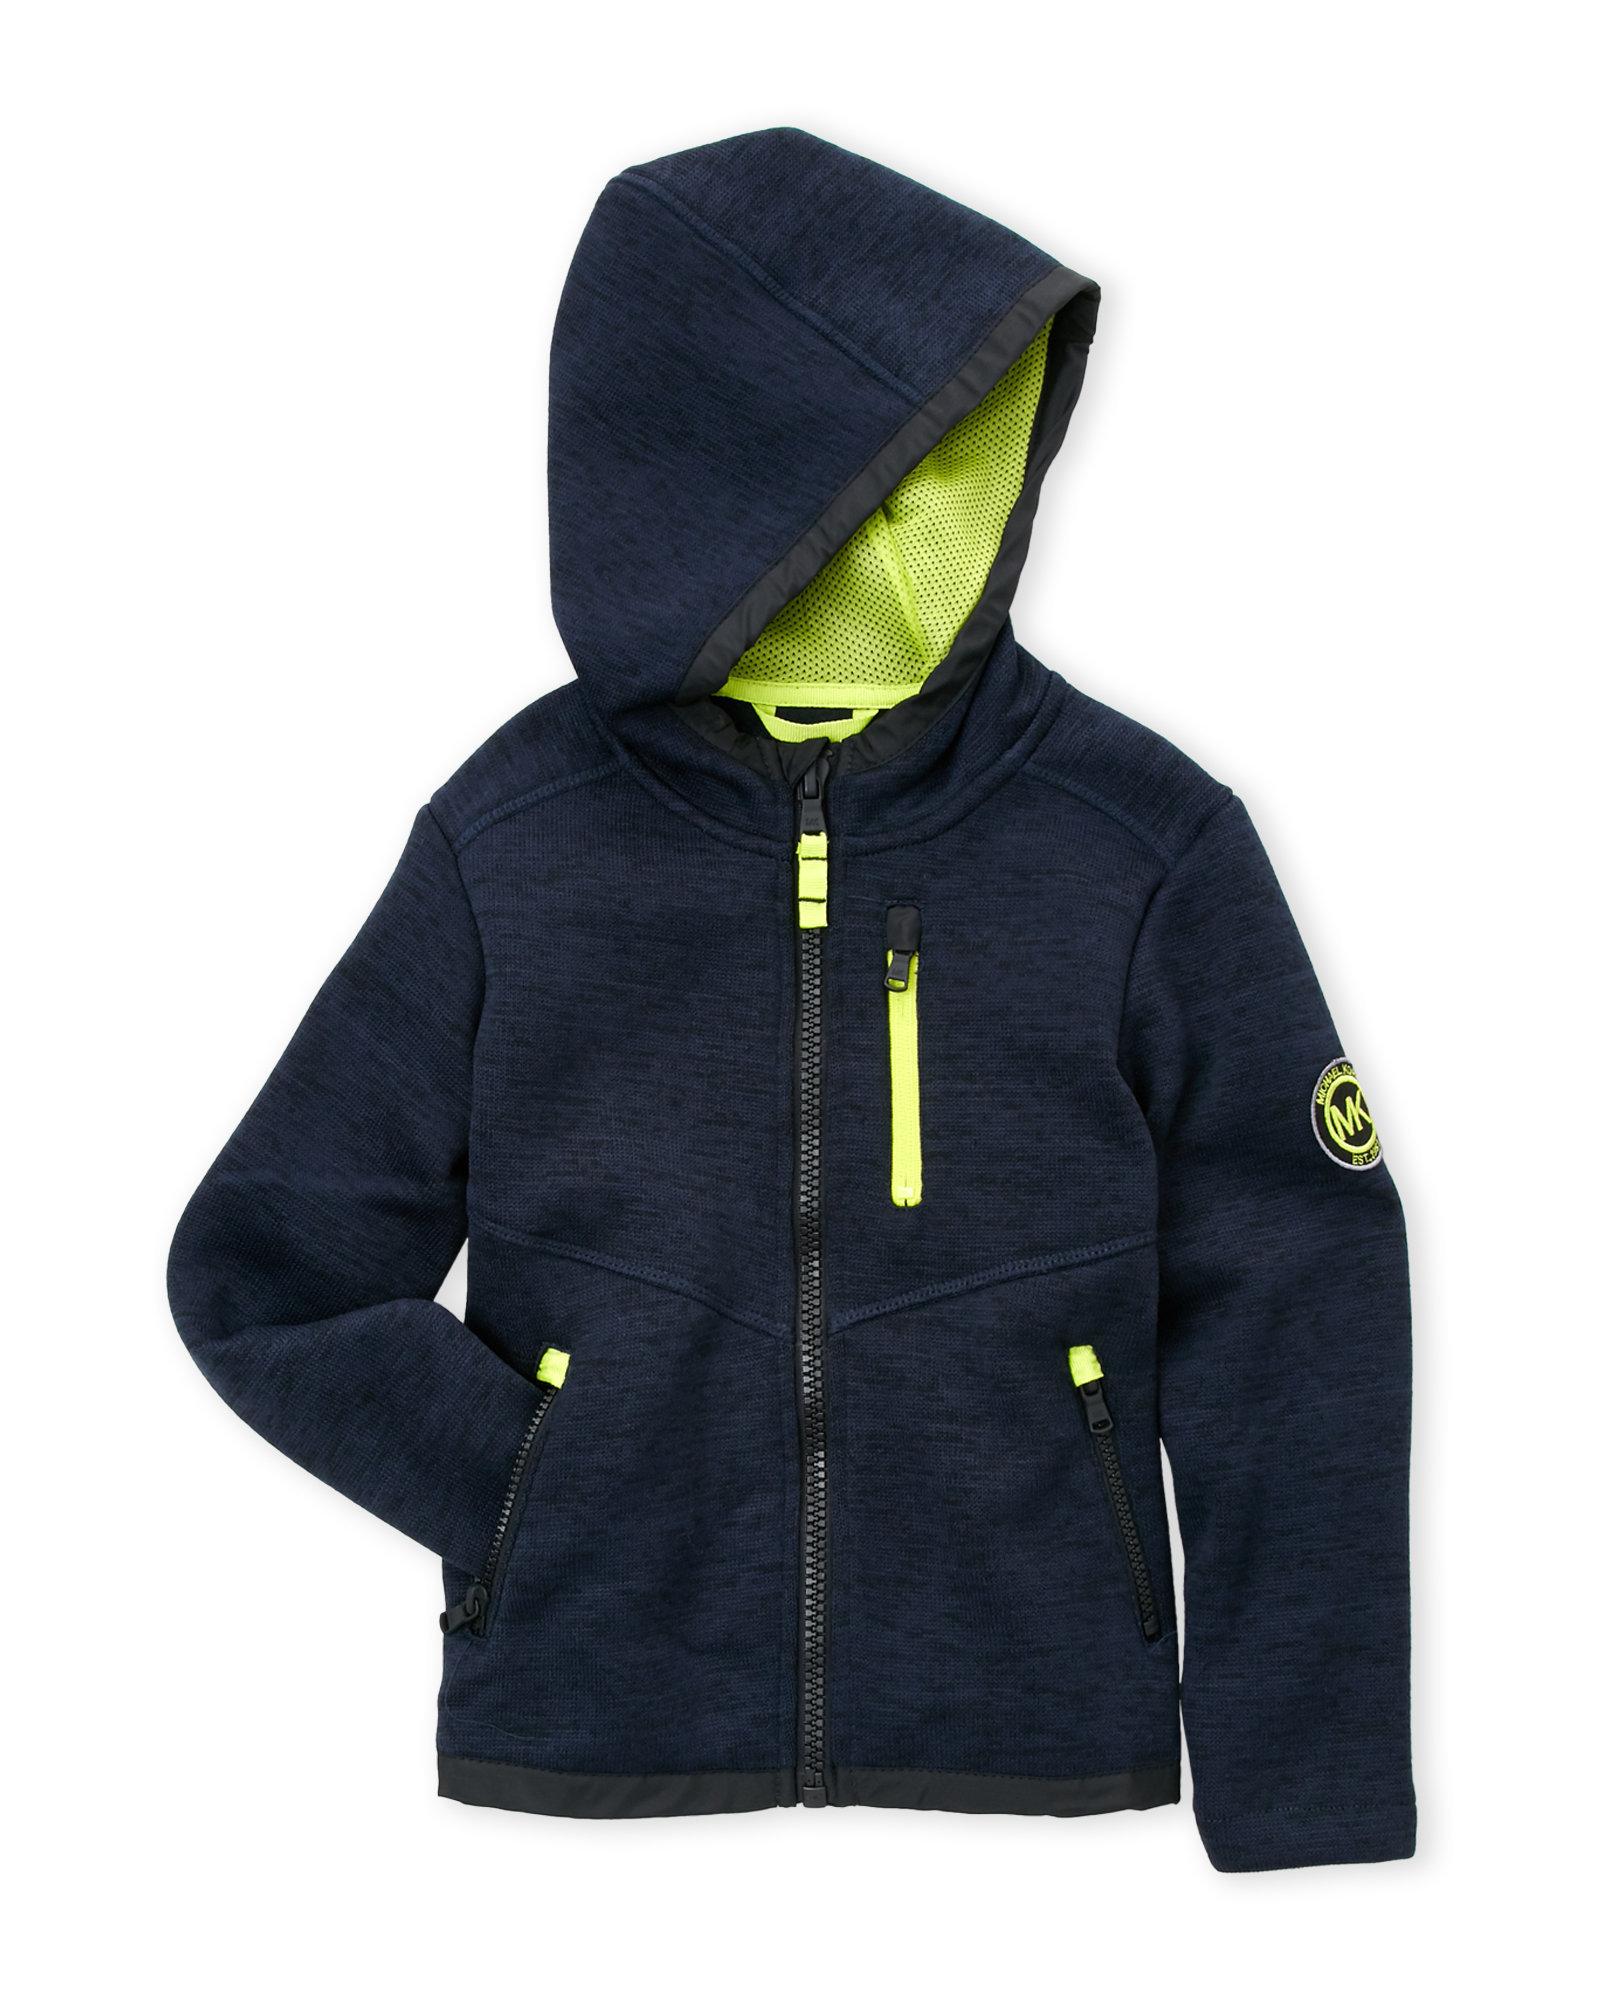 7011787002 Eredeti új címkés Michael Kors márkás babaruha kisfiú őszi kabát